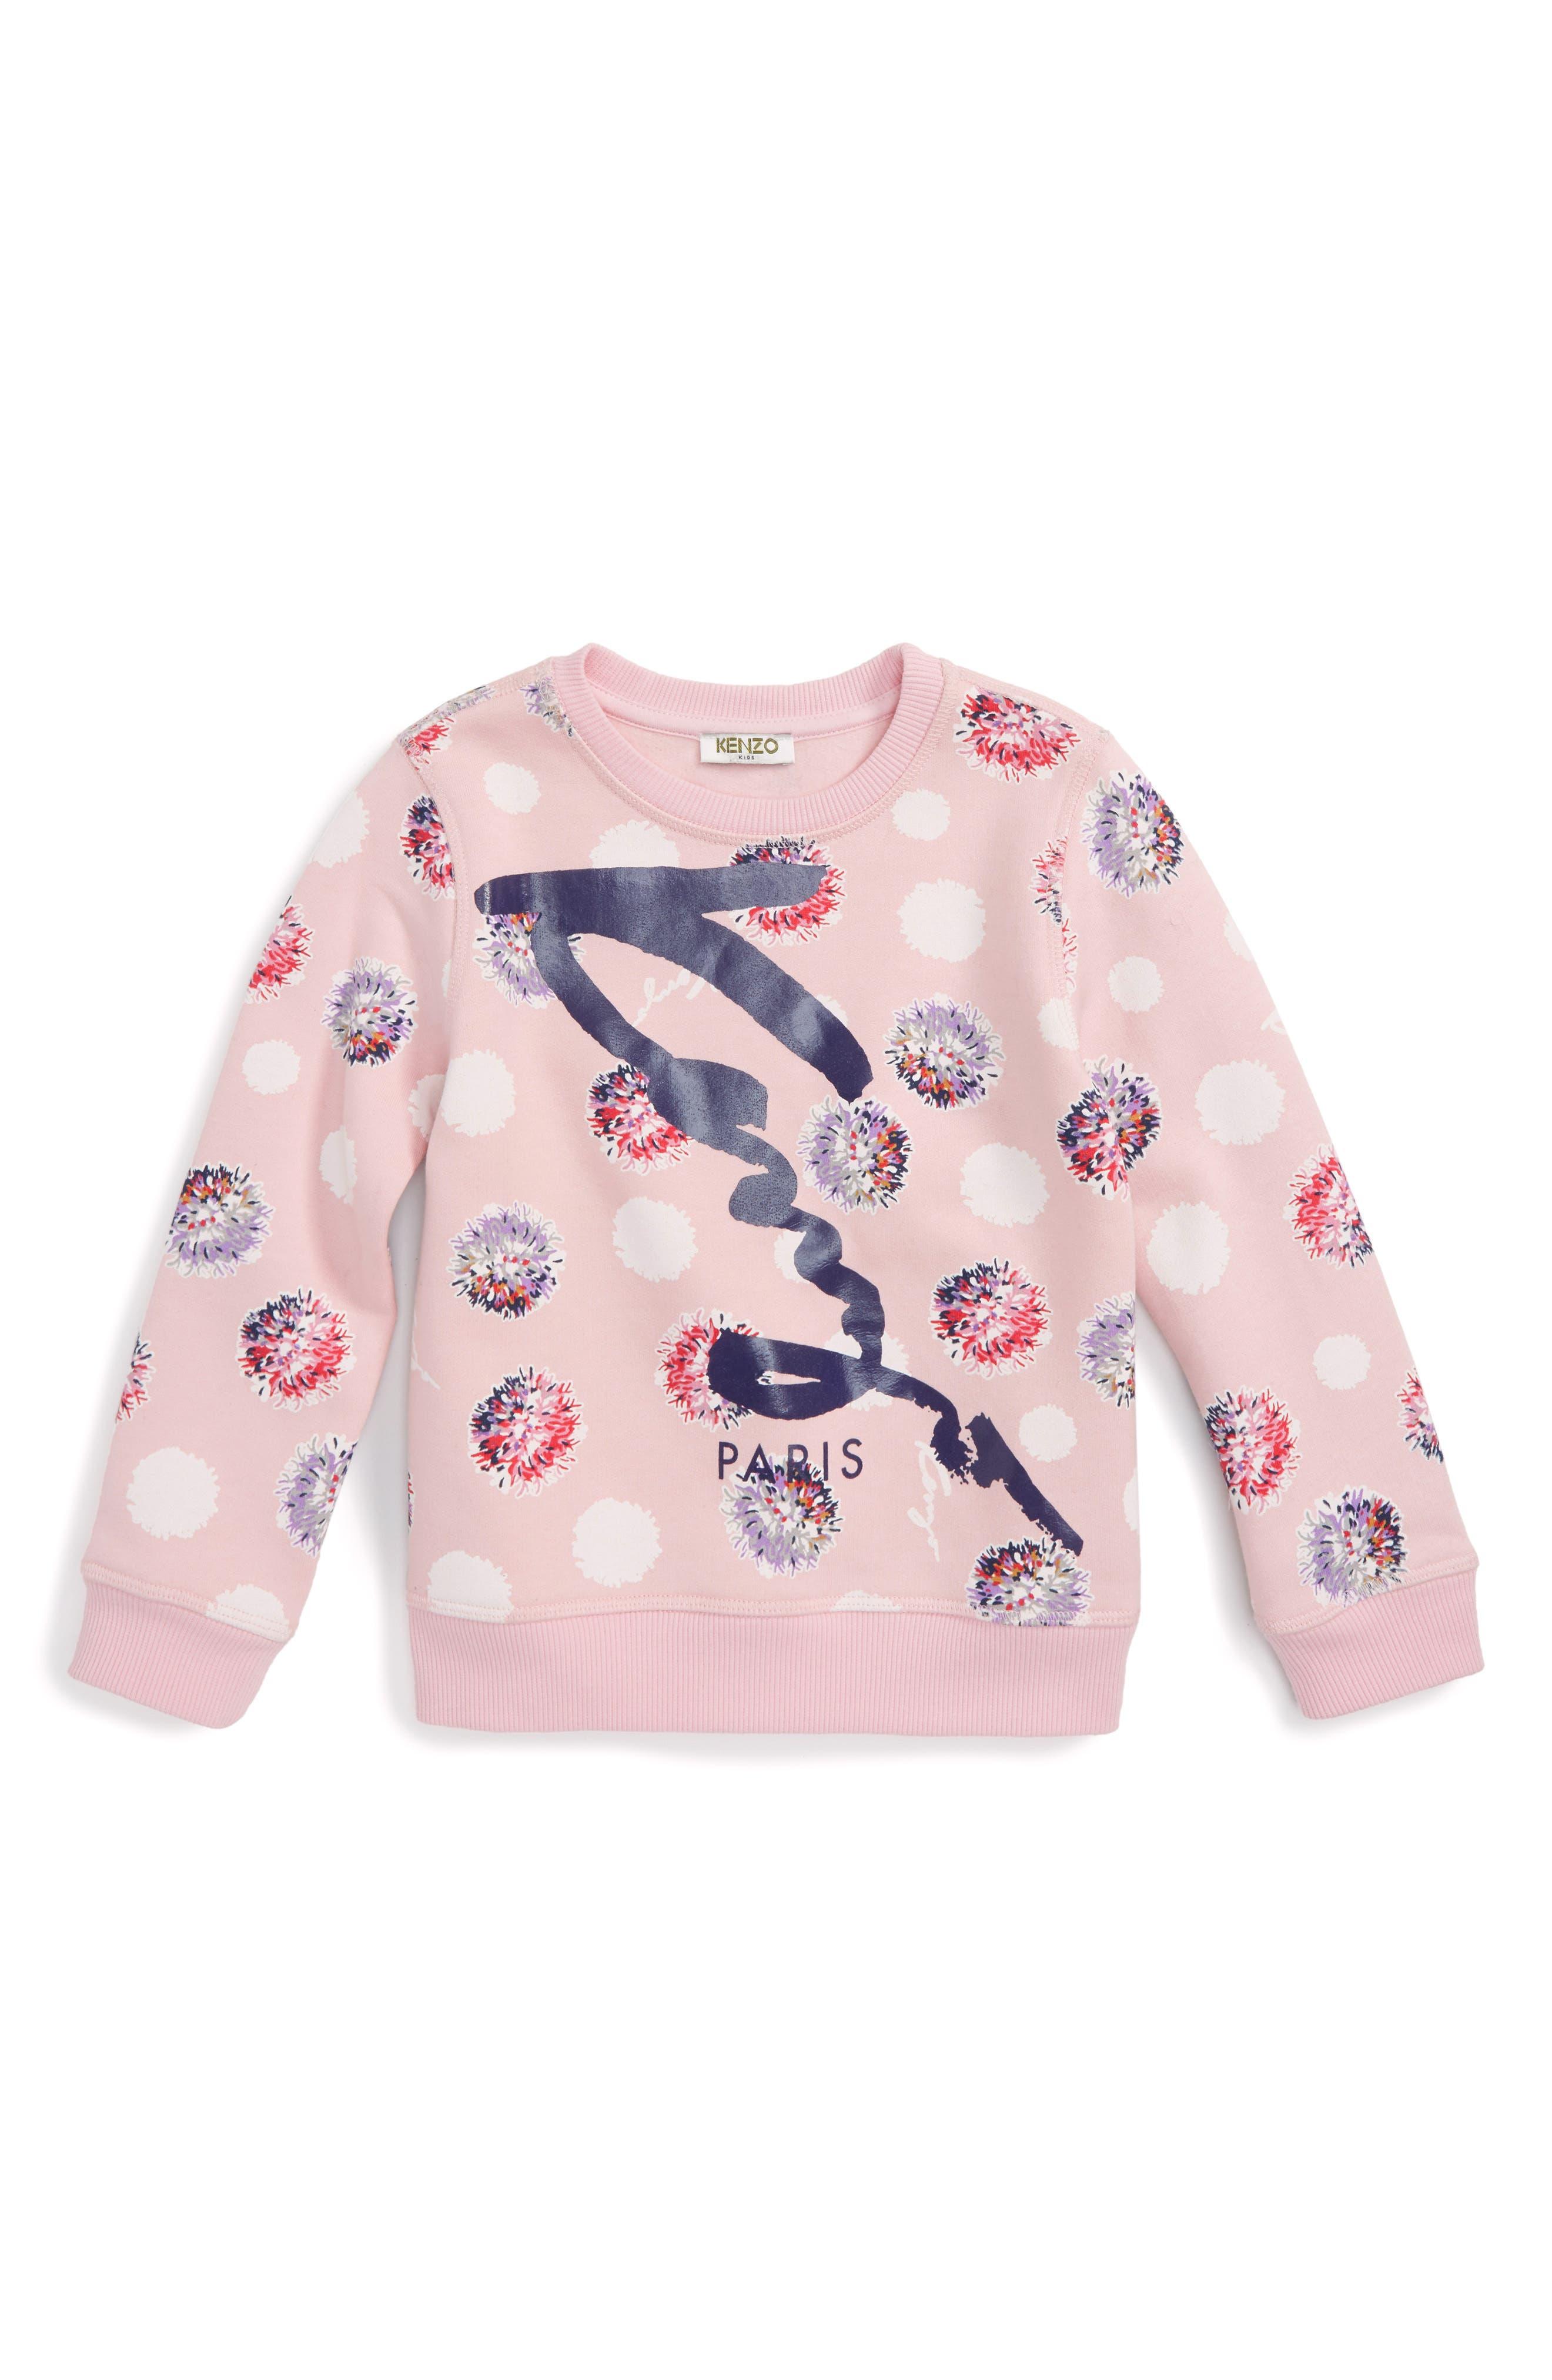 KENZO Floral Logo Sweatshirt (Toddler Girls, Little Girls & Big Girls)